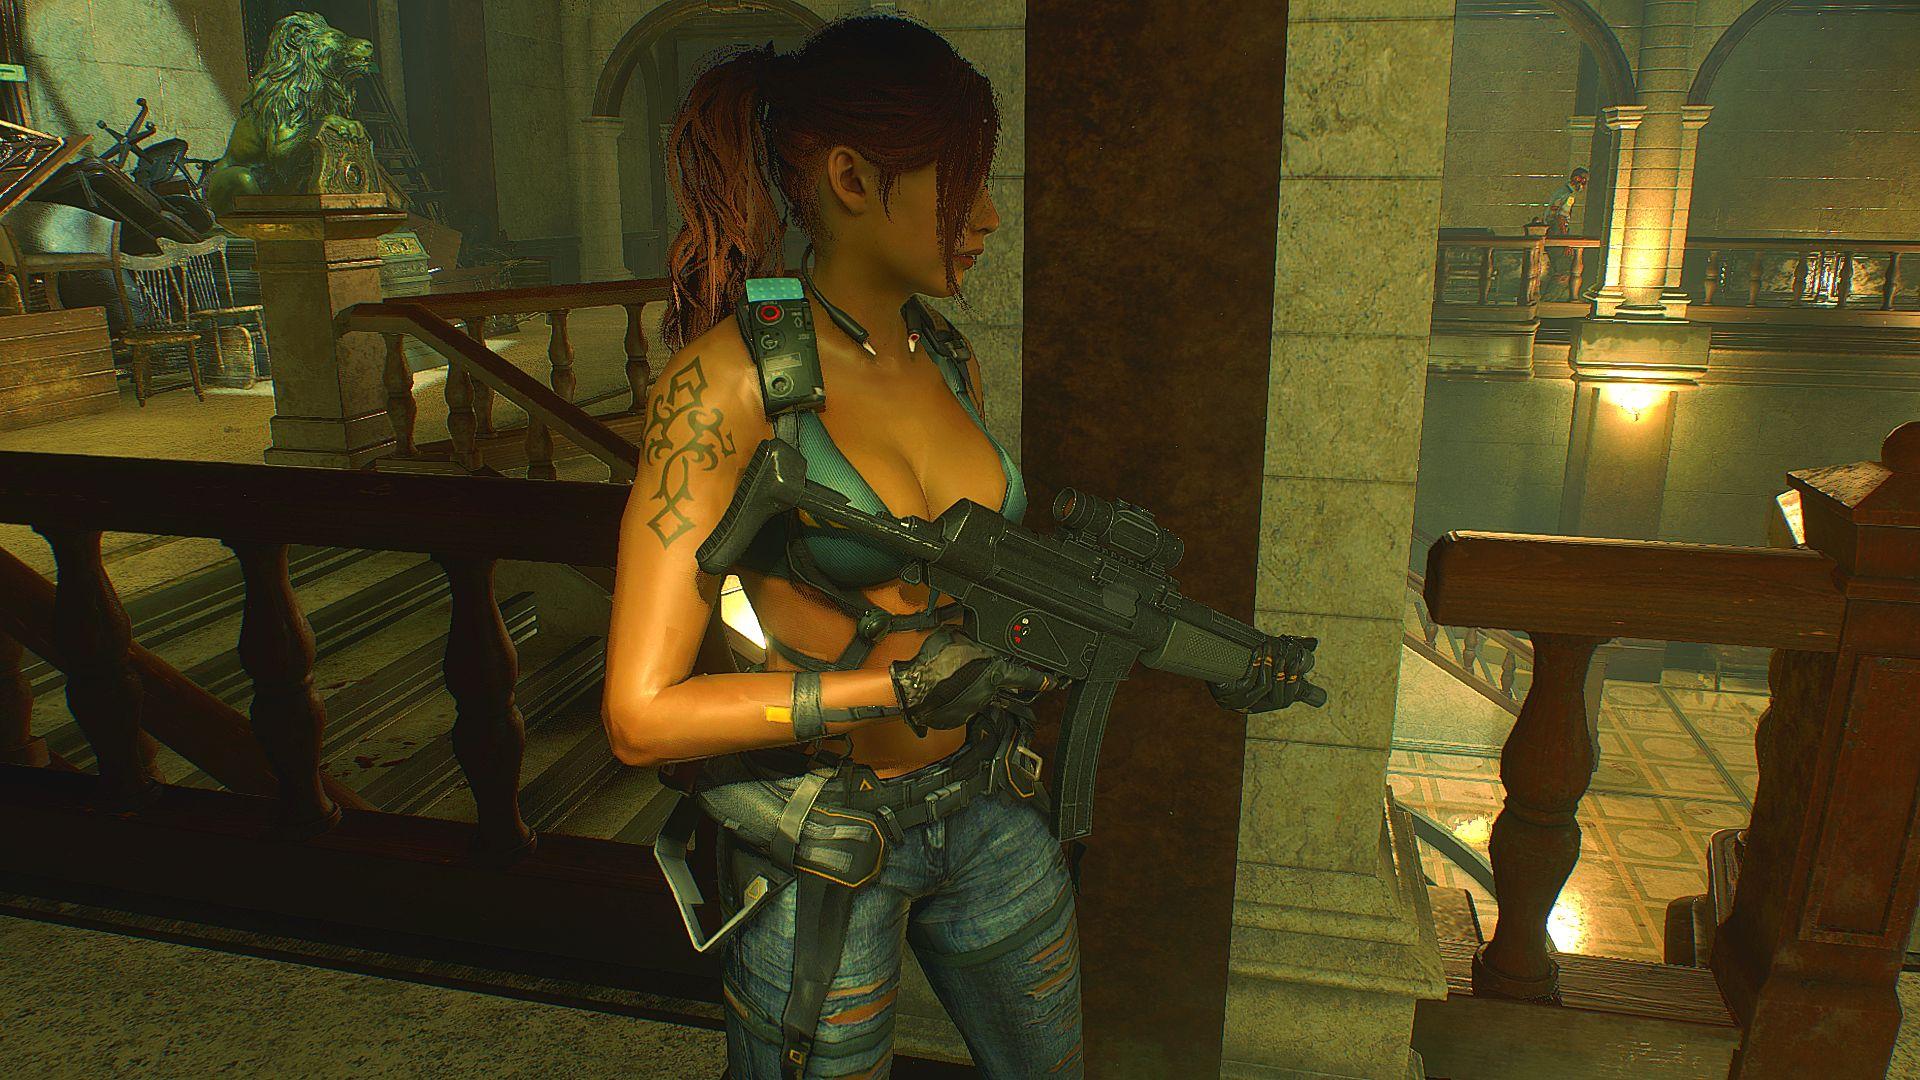 000171.Jpg - Resident Evil 2